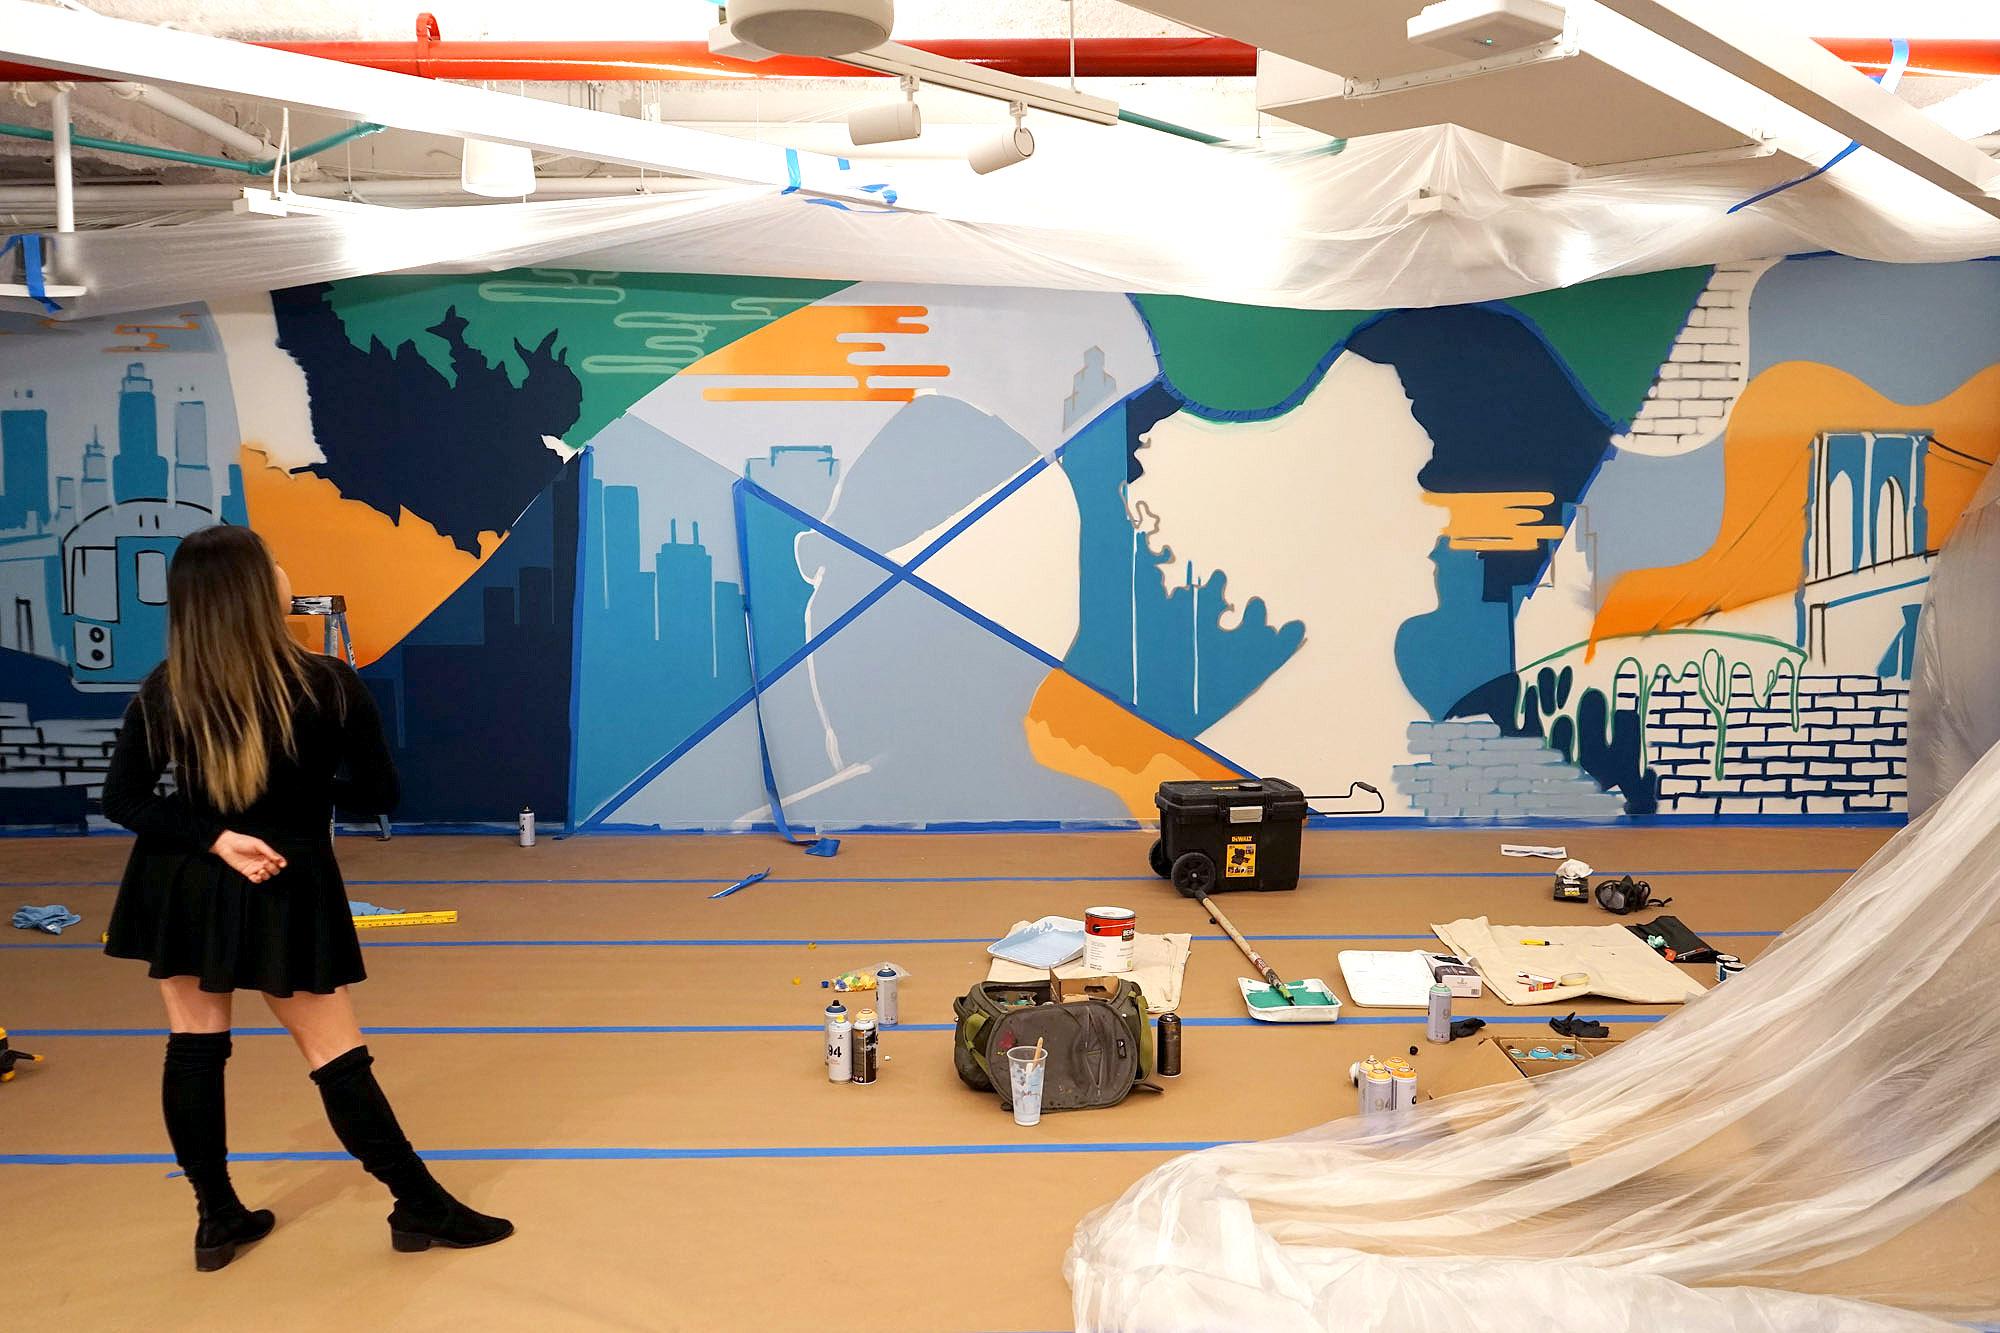 WIP - Graffiti Art Indoors